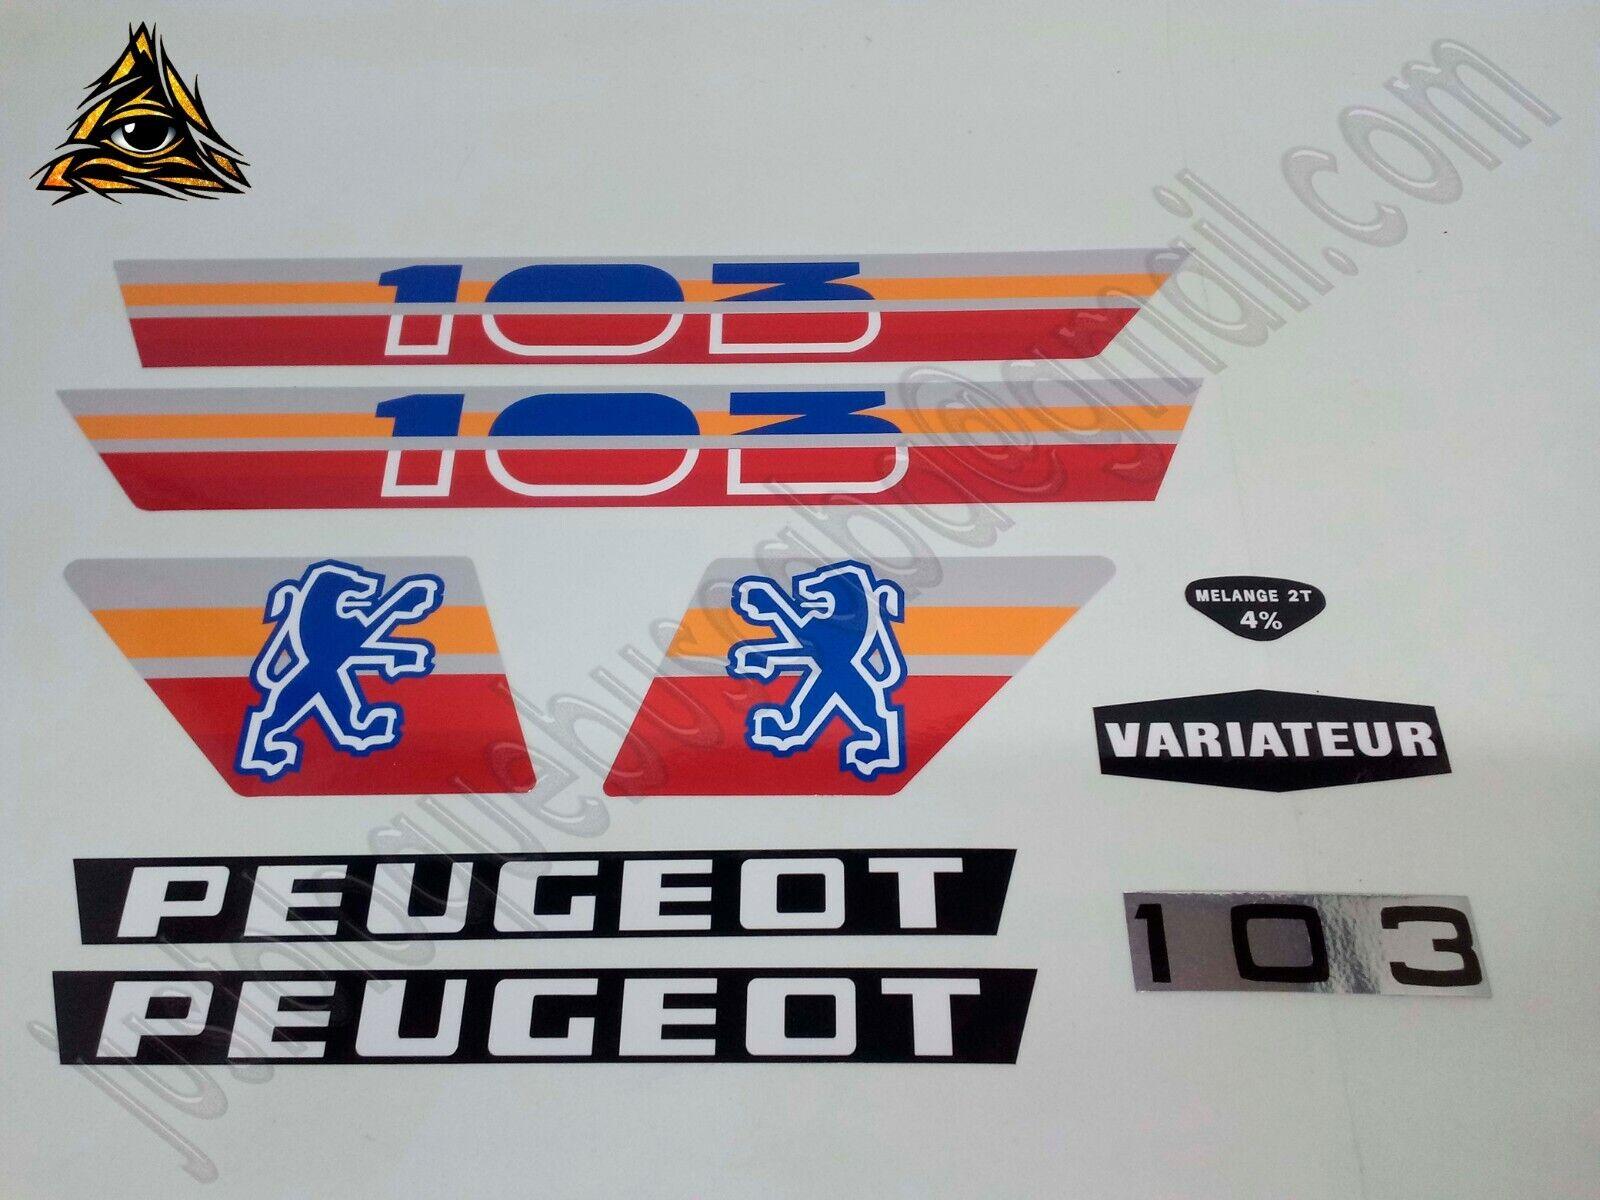 Autocollant mobylette Peugeot 103 MVL 01